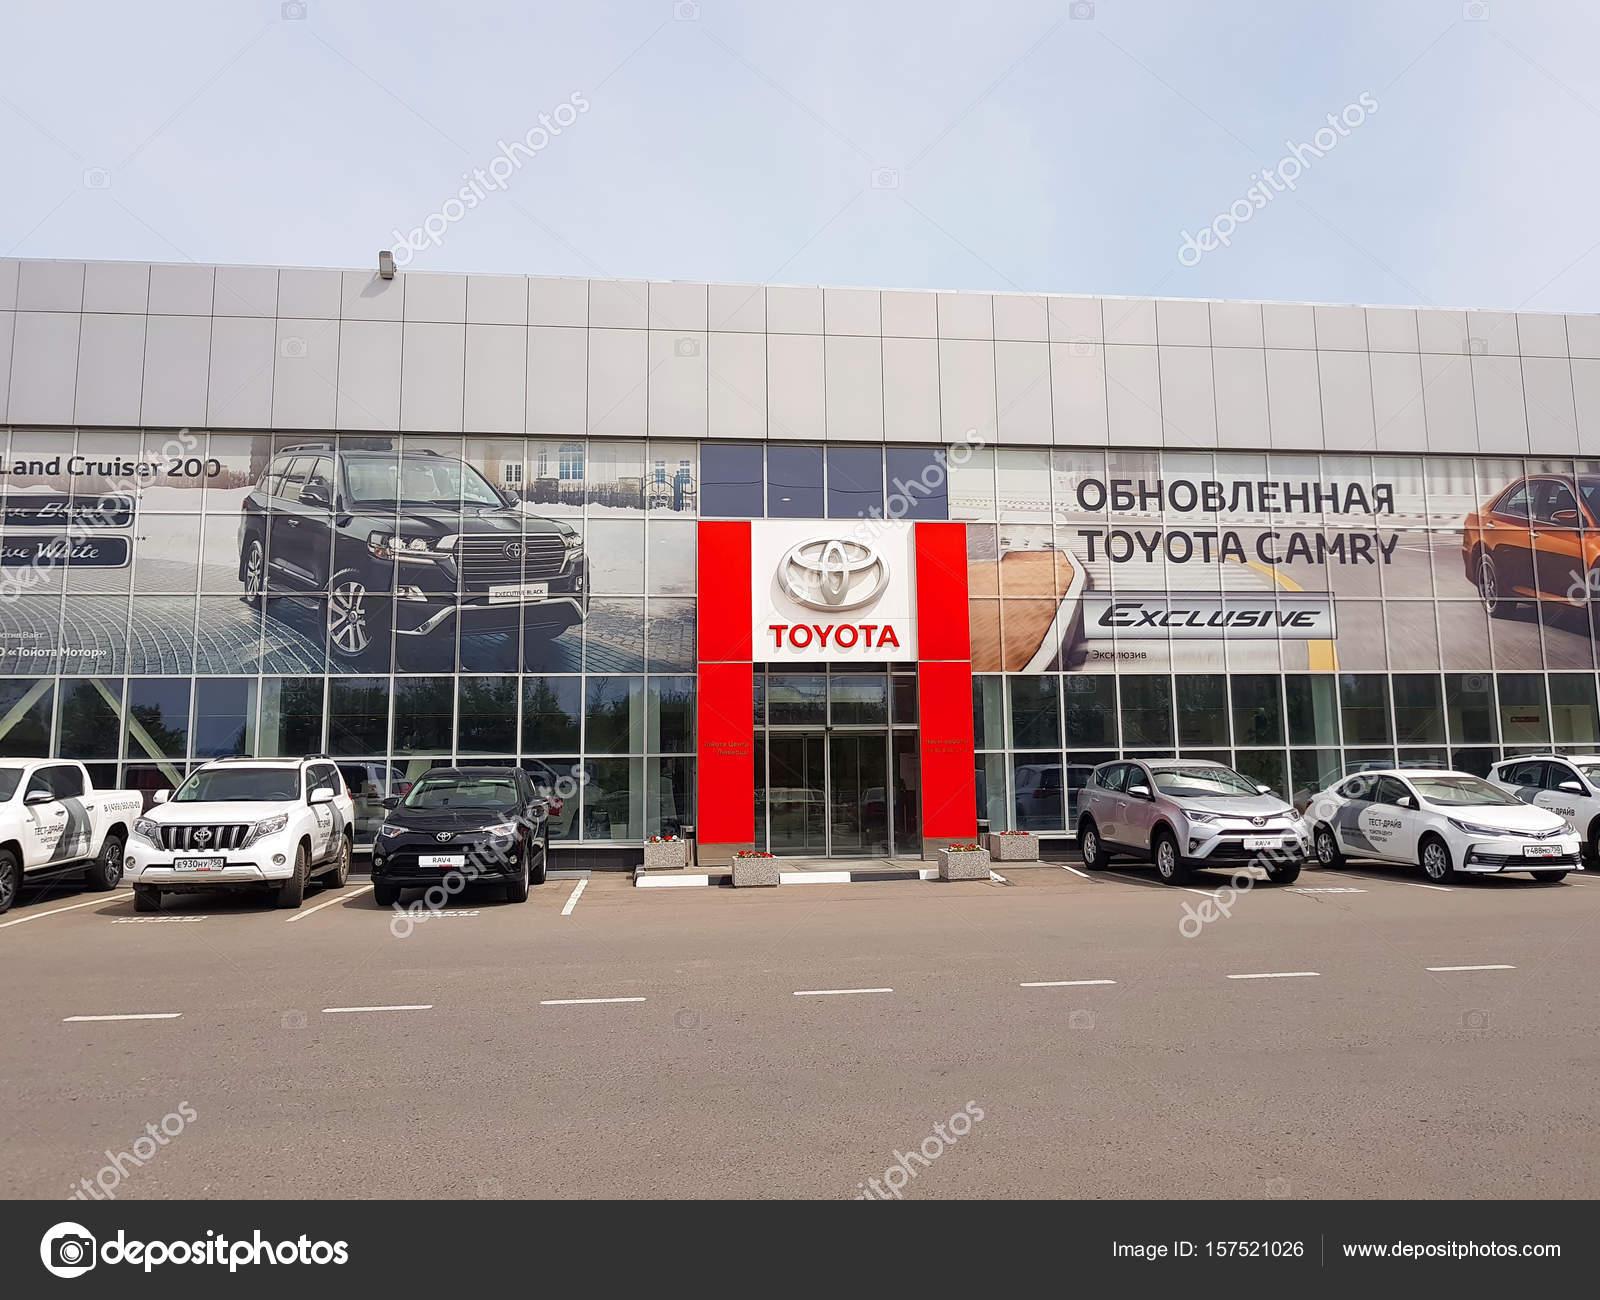 Россия, Москва, июня 2017 года. Автоцентр Toyota. Вид снаружи — Фото автора  asobov 09e199bb4f5